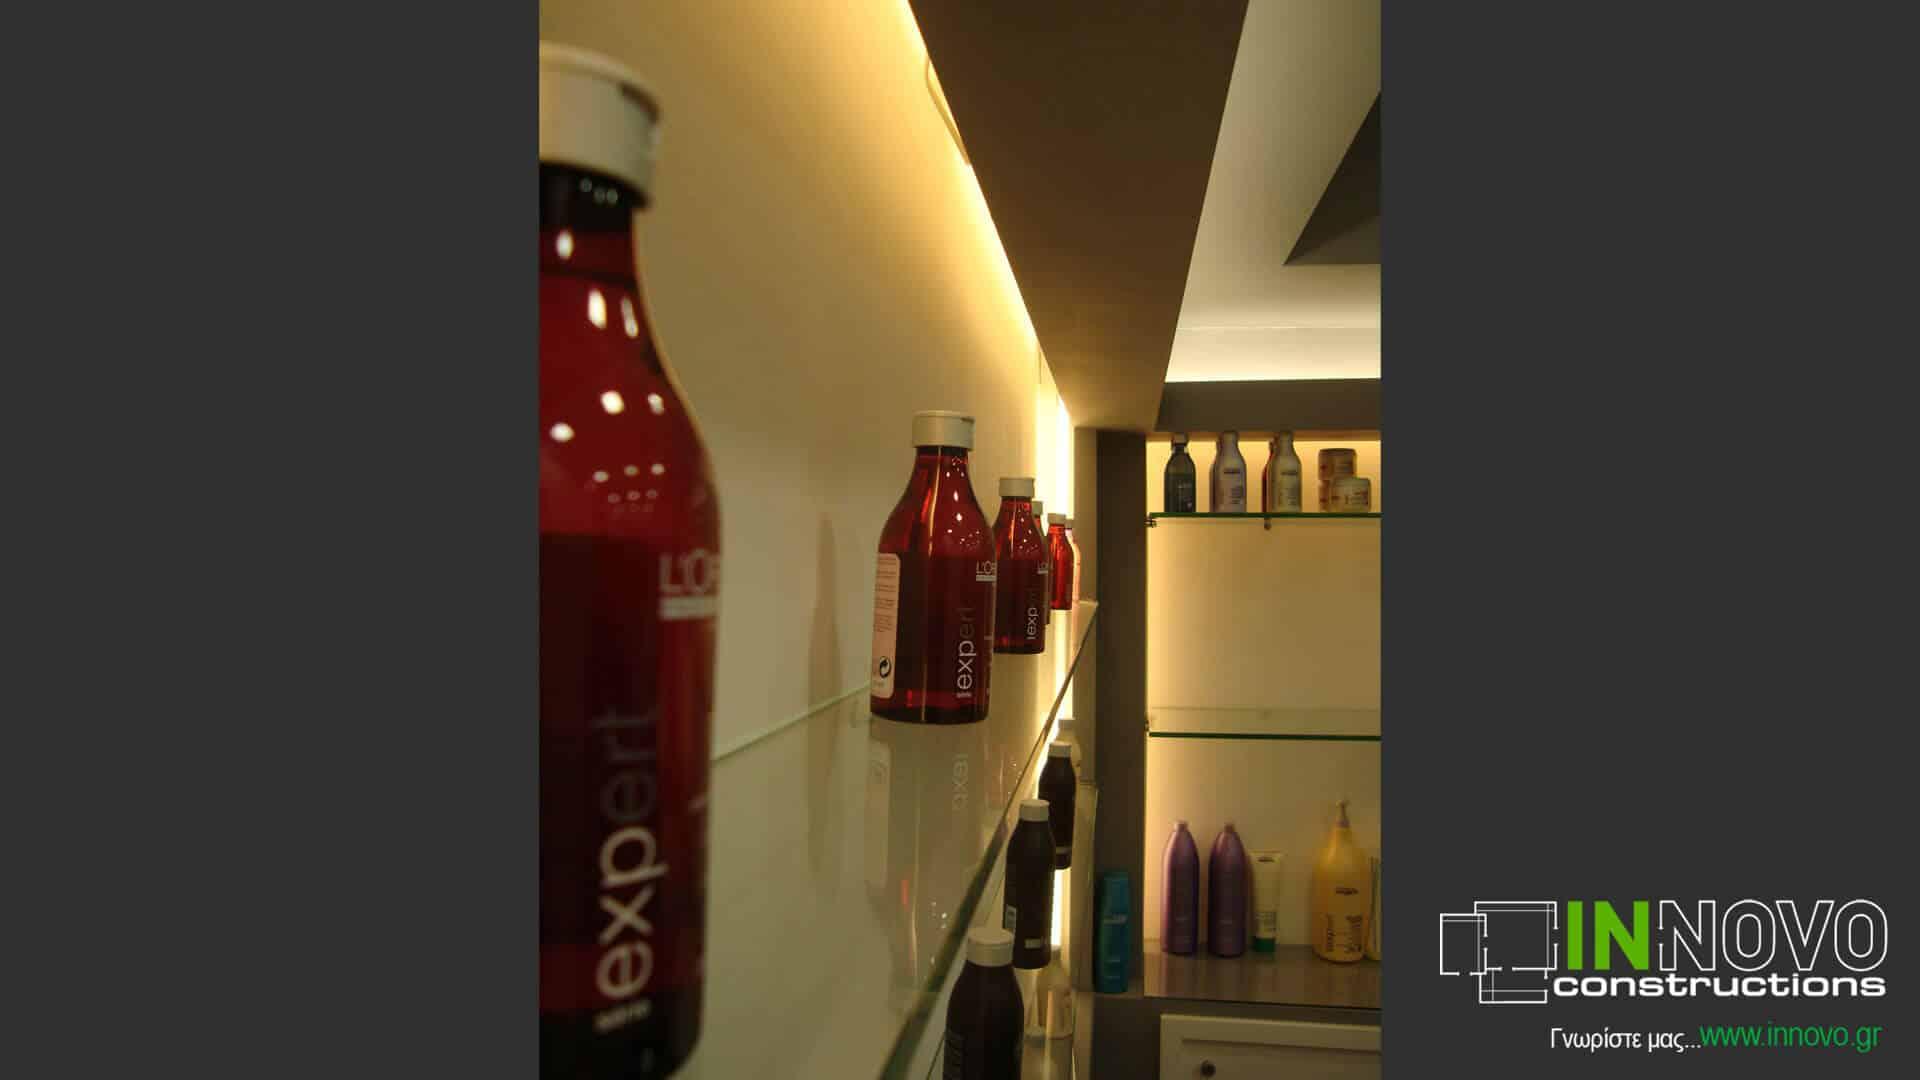 diakosmisi-kommotiriou-hairdressers-design-kommotirio-nafplio-1071-4